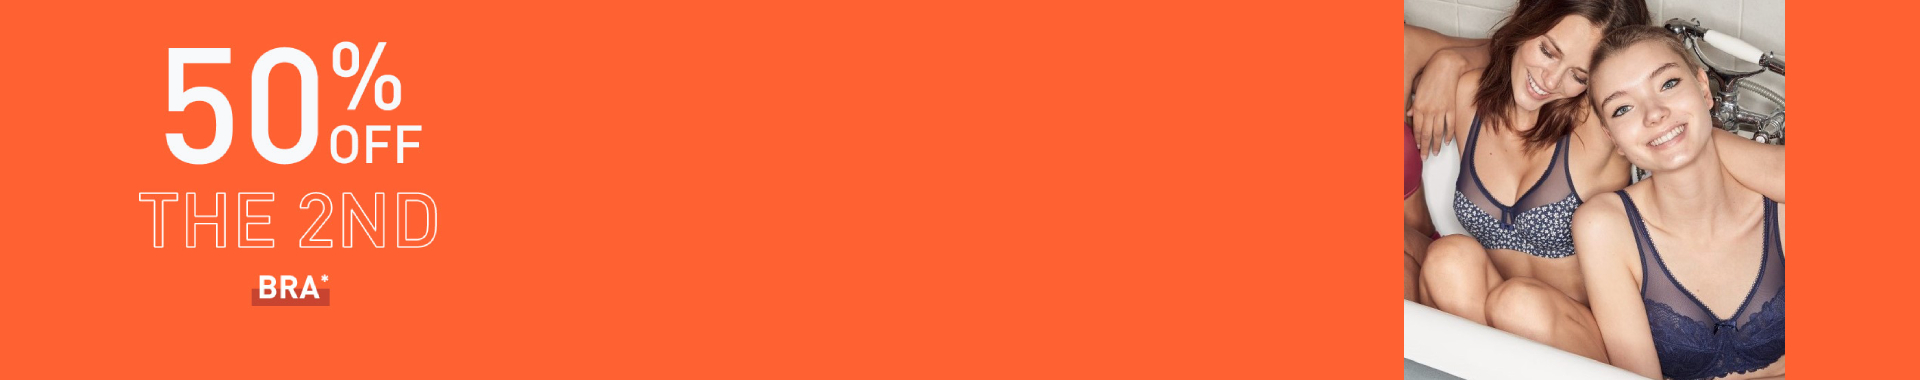 Soutiens-gorge - Un large choix de soutiens-gorge pour aller sur chaque poitrine.